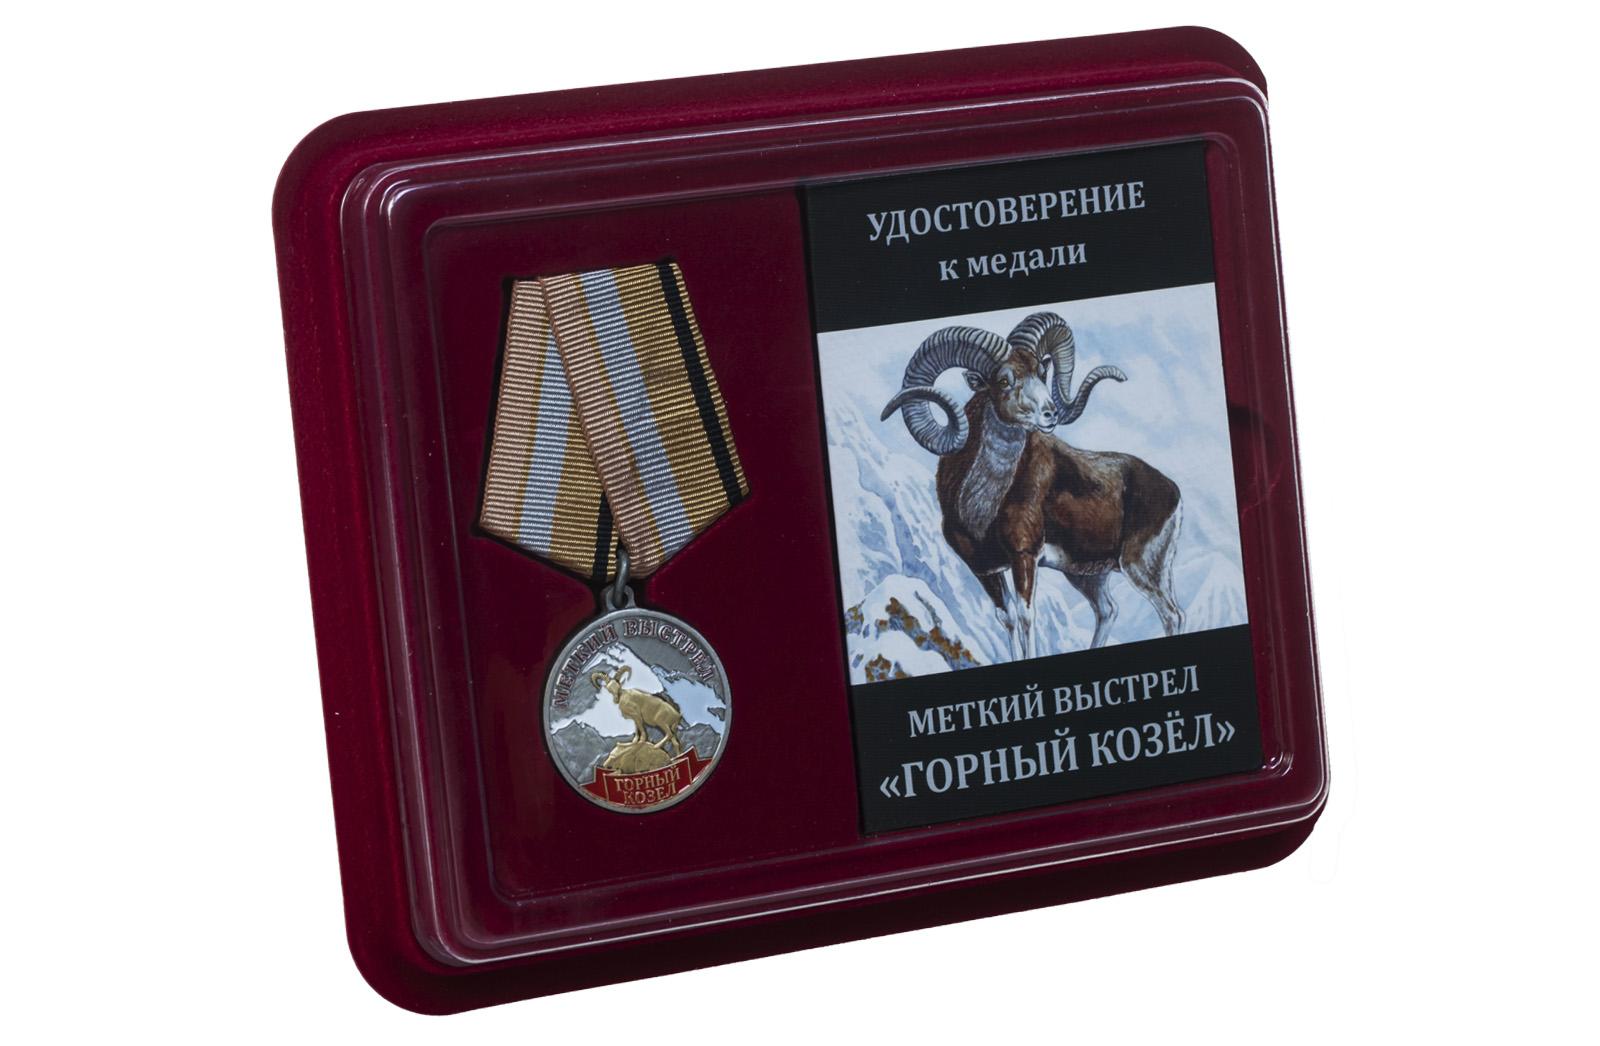 Медаль Меткий выстрел Горный козел - в футляре с удостоверением